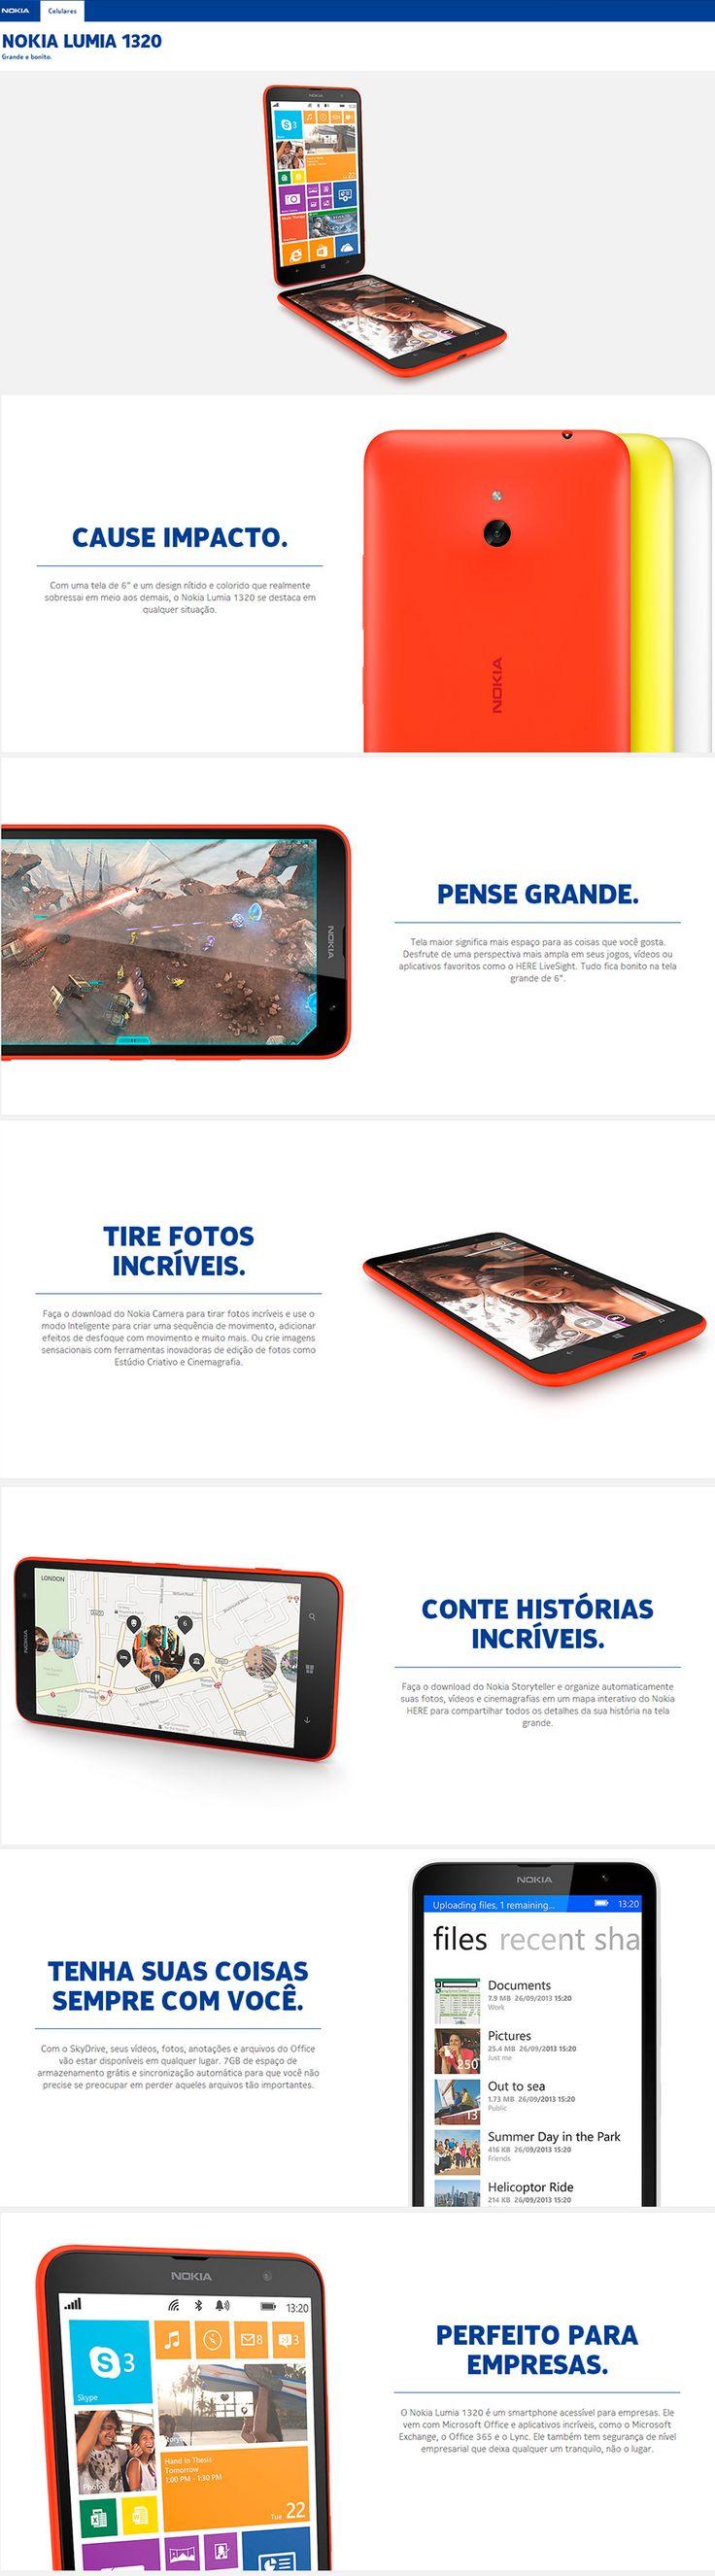 """Smartphone Lumia 1320 Preto Tela 6"""", 4G+WiFi, Windows Phone 8, Câmera 5MP, Dual Core 1Ghz, Memória 8GB - Nokia"""